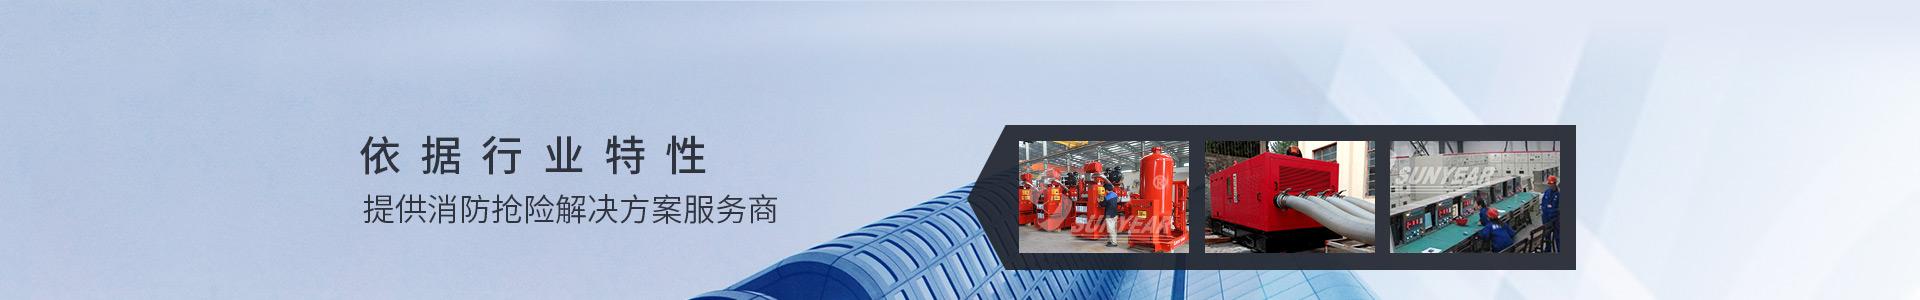 依据行业特性技术人员定制机电设备应用方案